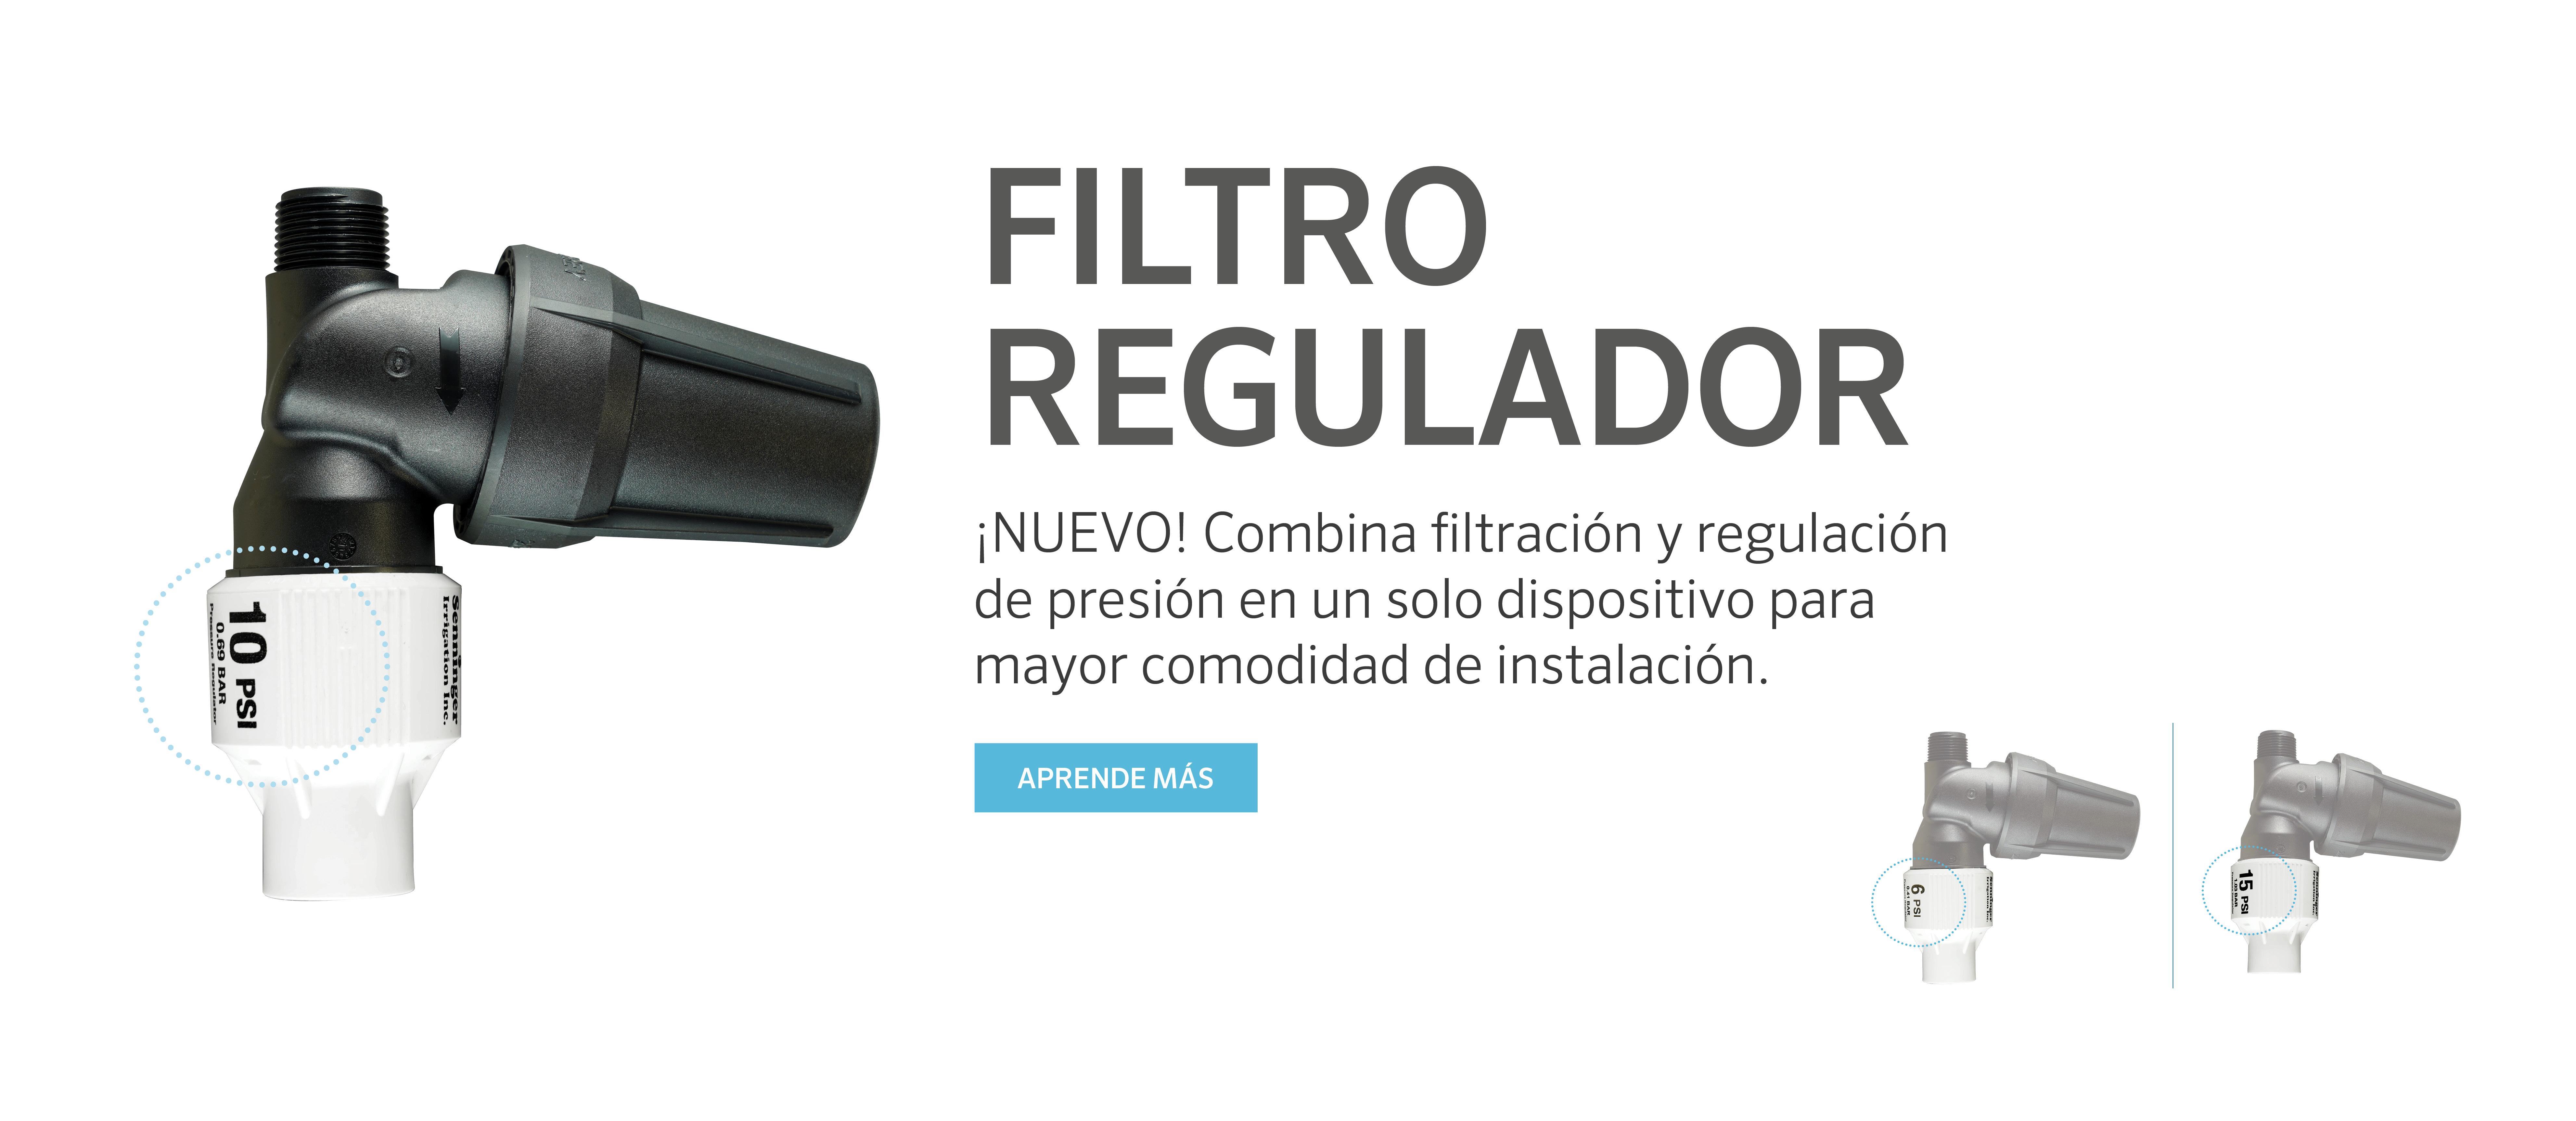 Regulador de Filtro combina la filtración y la regulación de la presión en un solo dispositivo